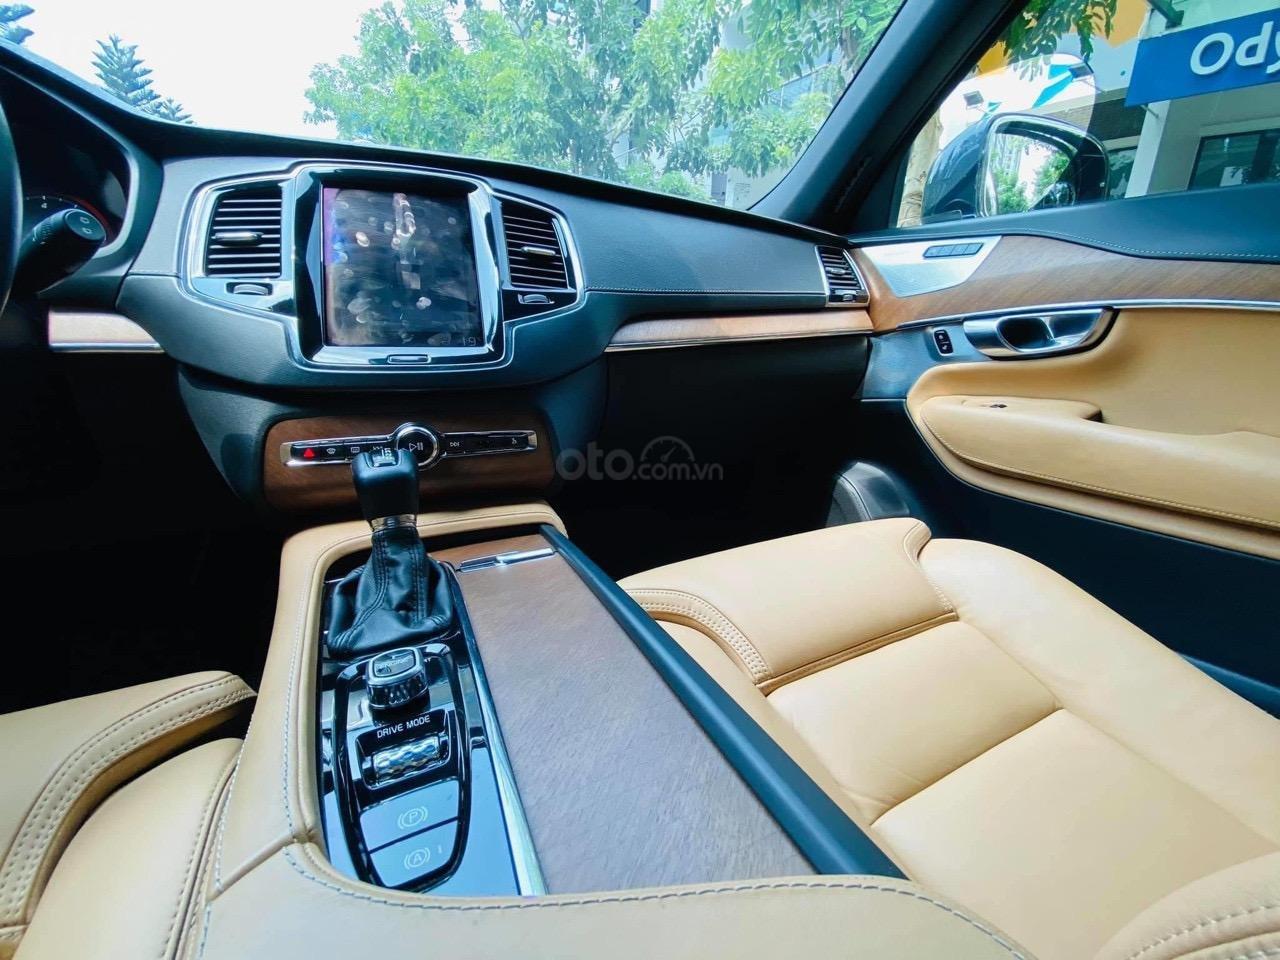 Bán ô tô Volvo XC90 2017 nhập khẩu Thuỵ Điển (11)